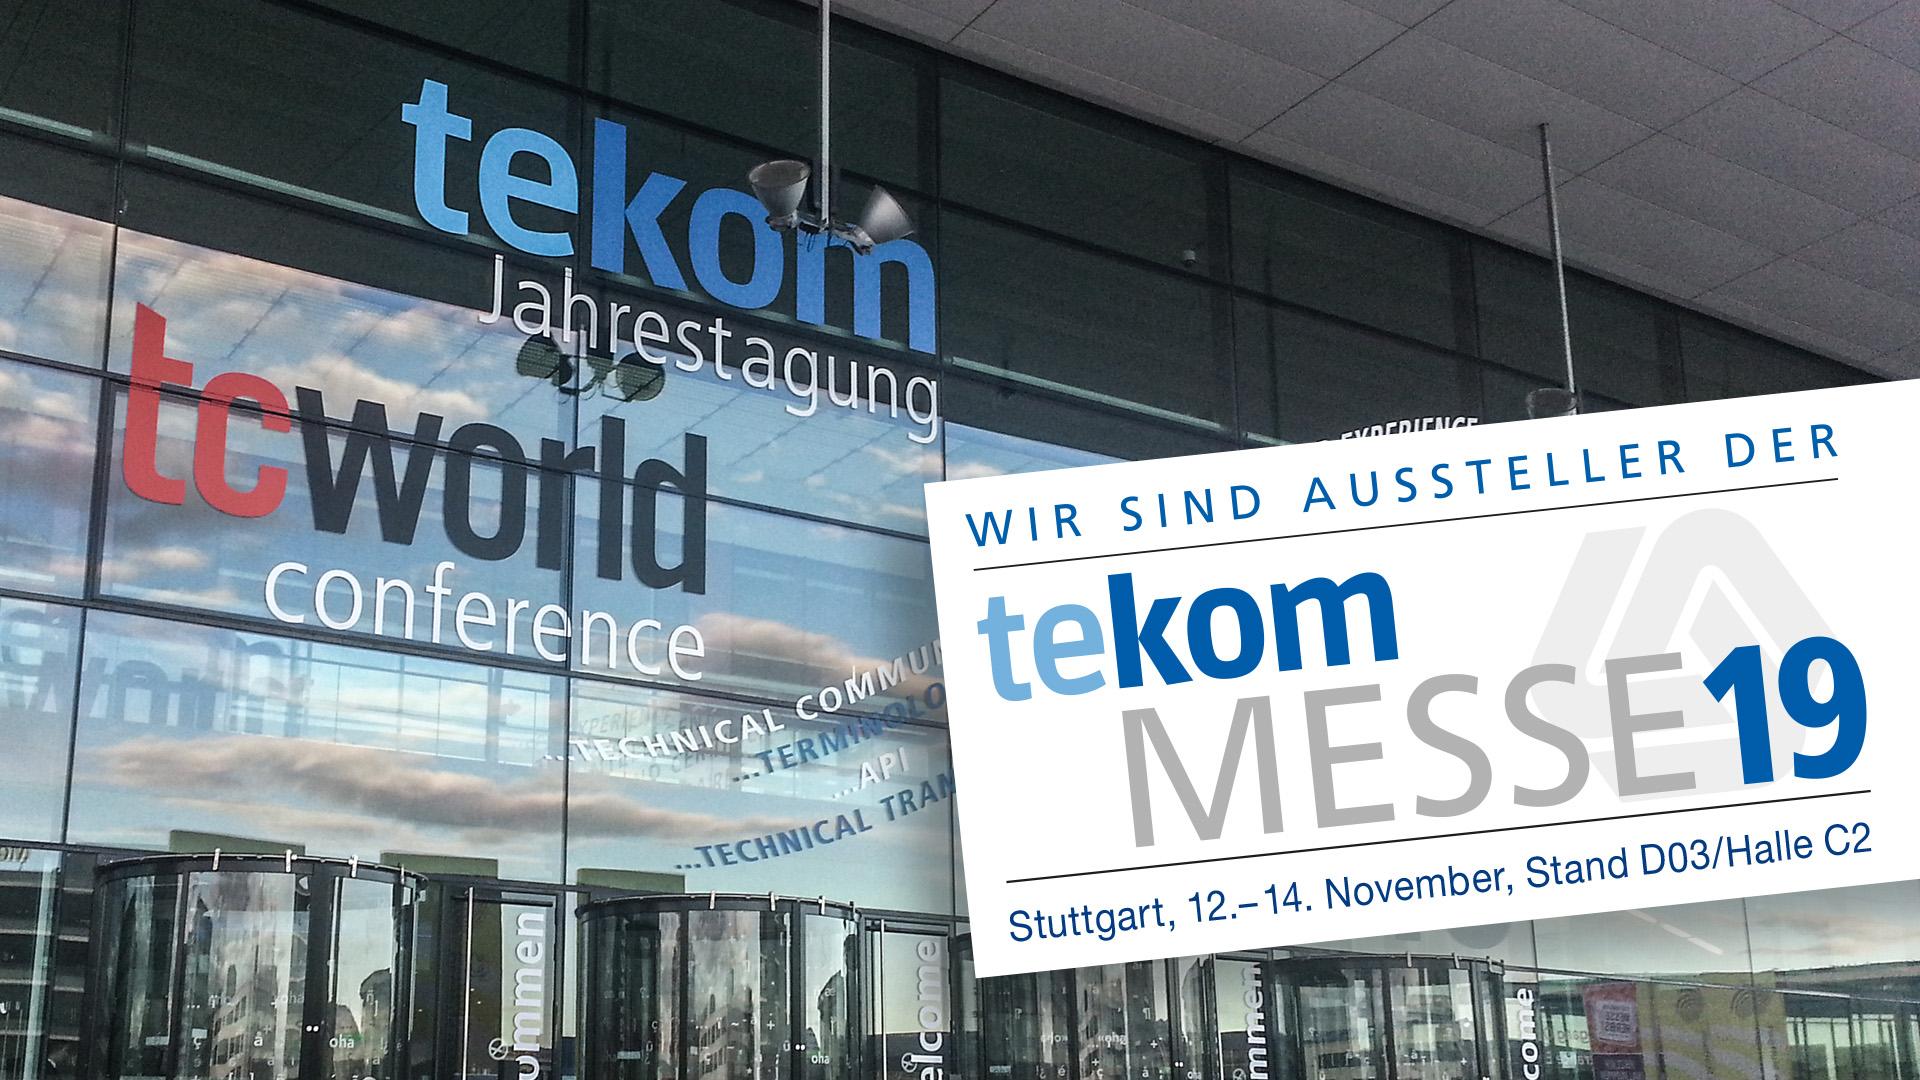 tekom-Jahrestagung 2019 in Stuttgart